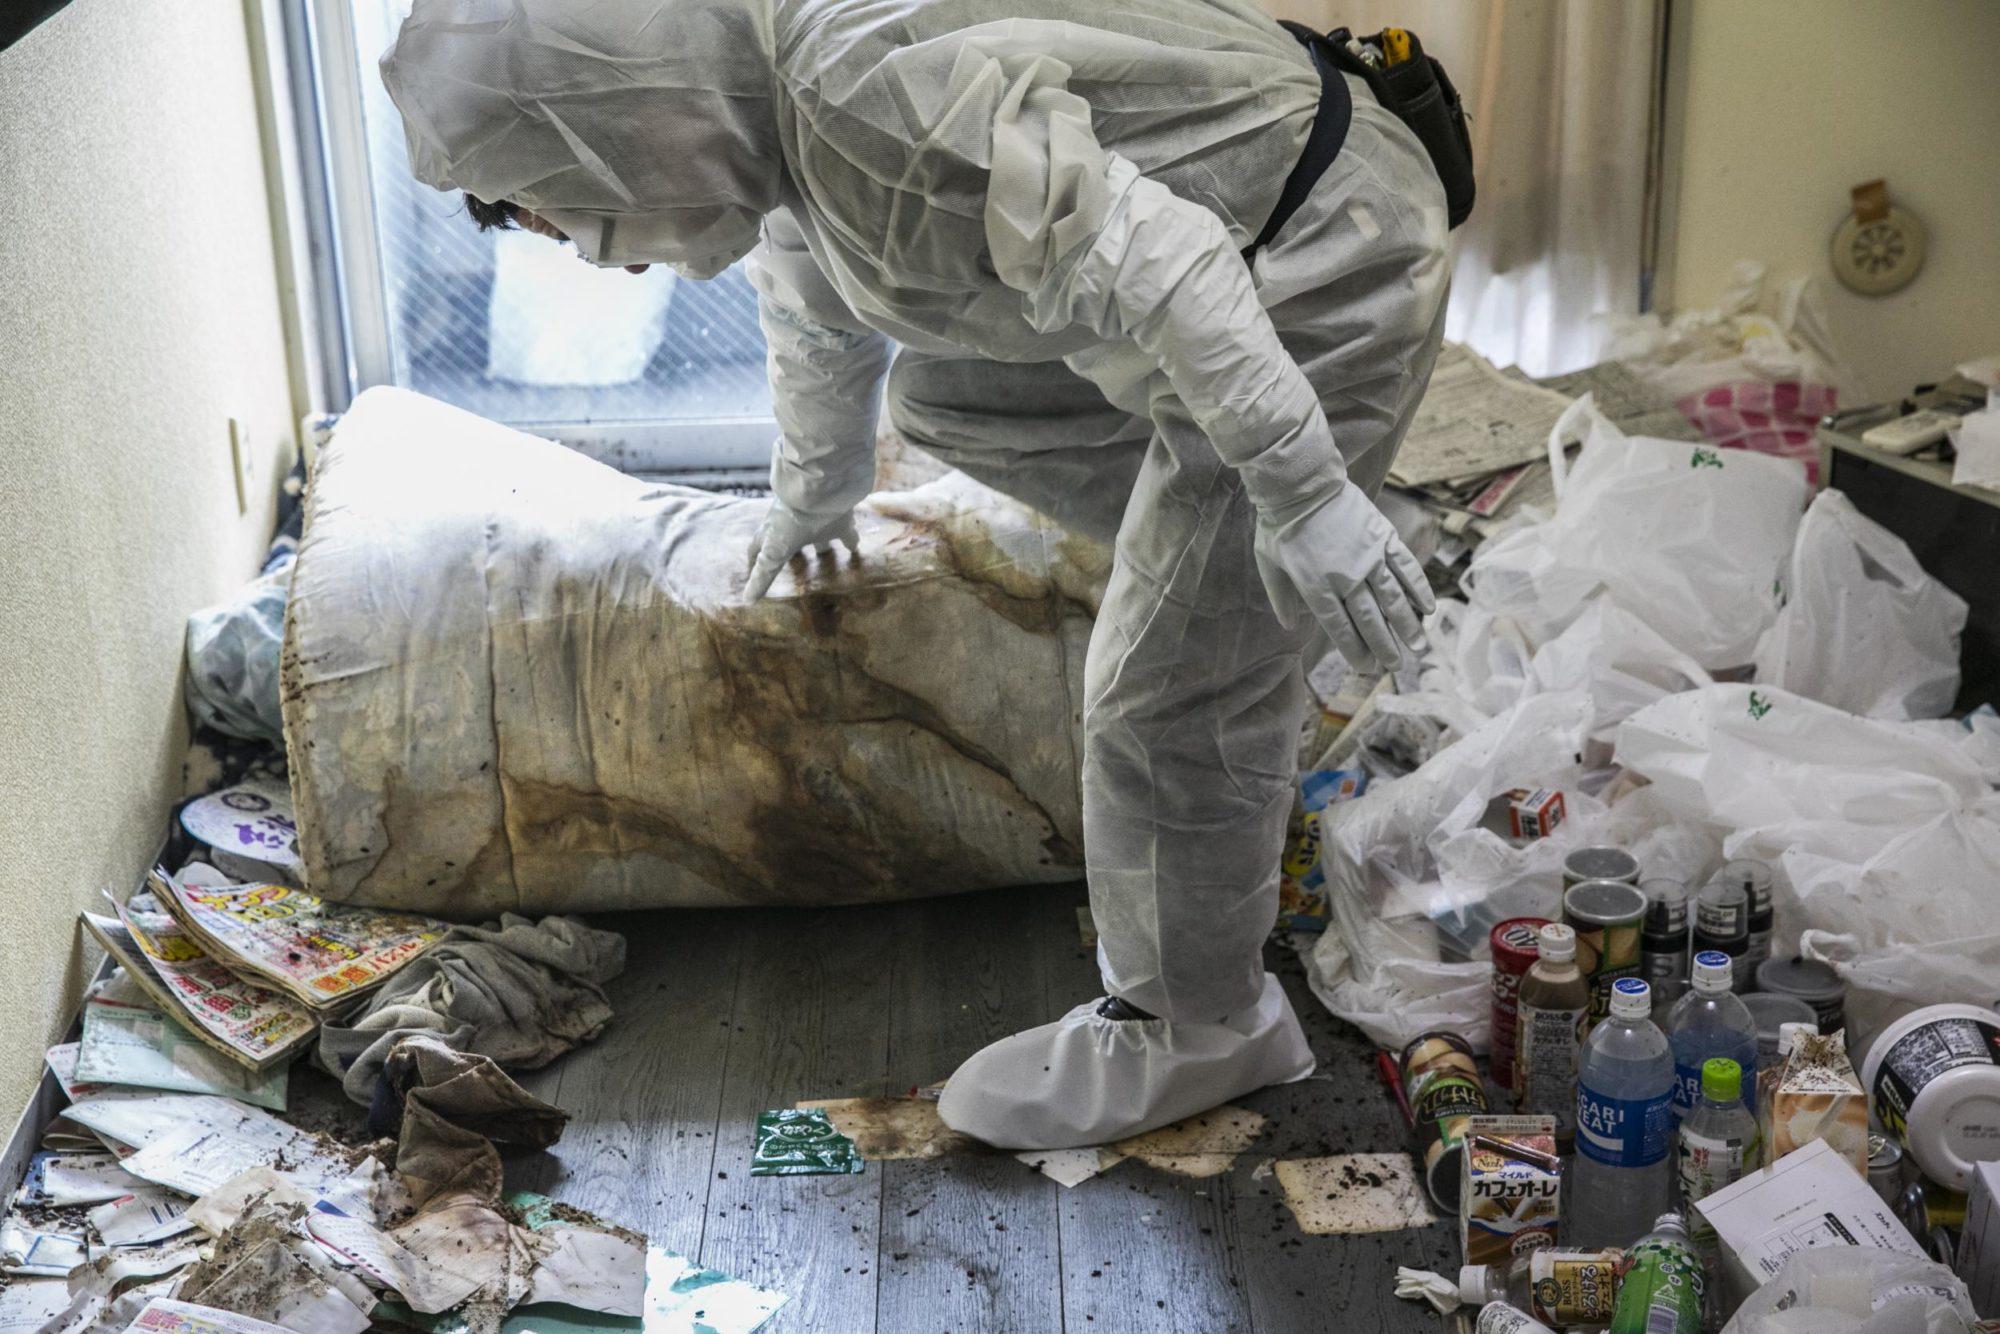 「孤獨死清潔公司」看逝者生前生活 空瓶裝屎尿、身體被蛆吃...4萬老人被寂寞啃食